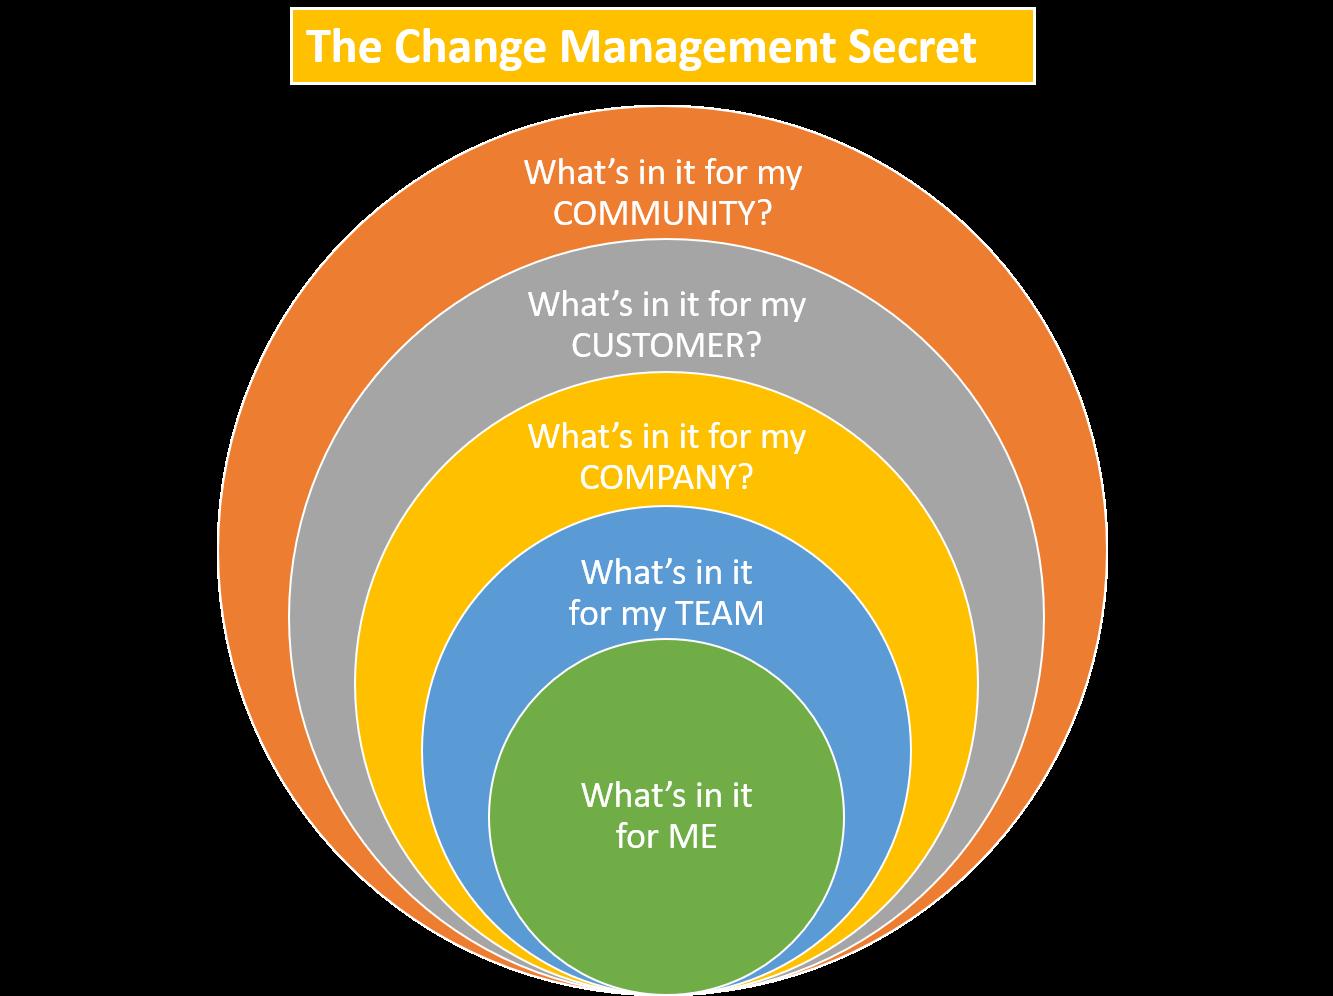 The Change Management Secret